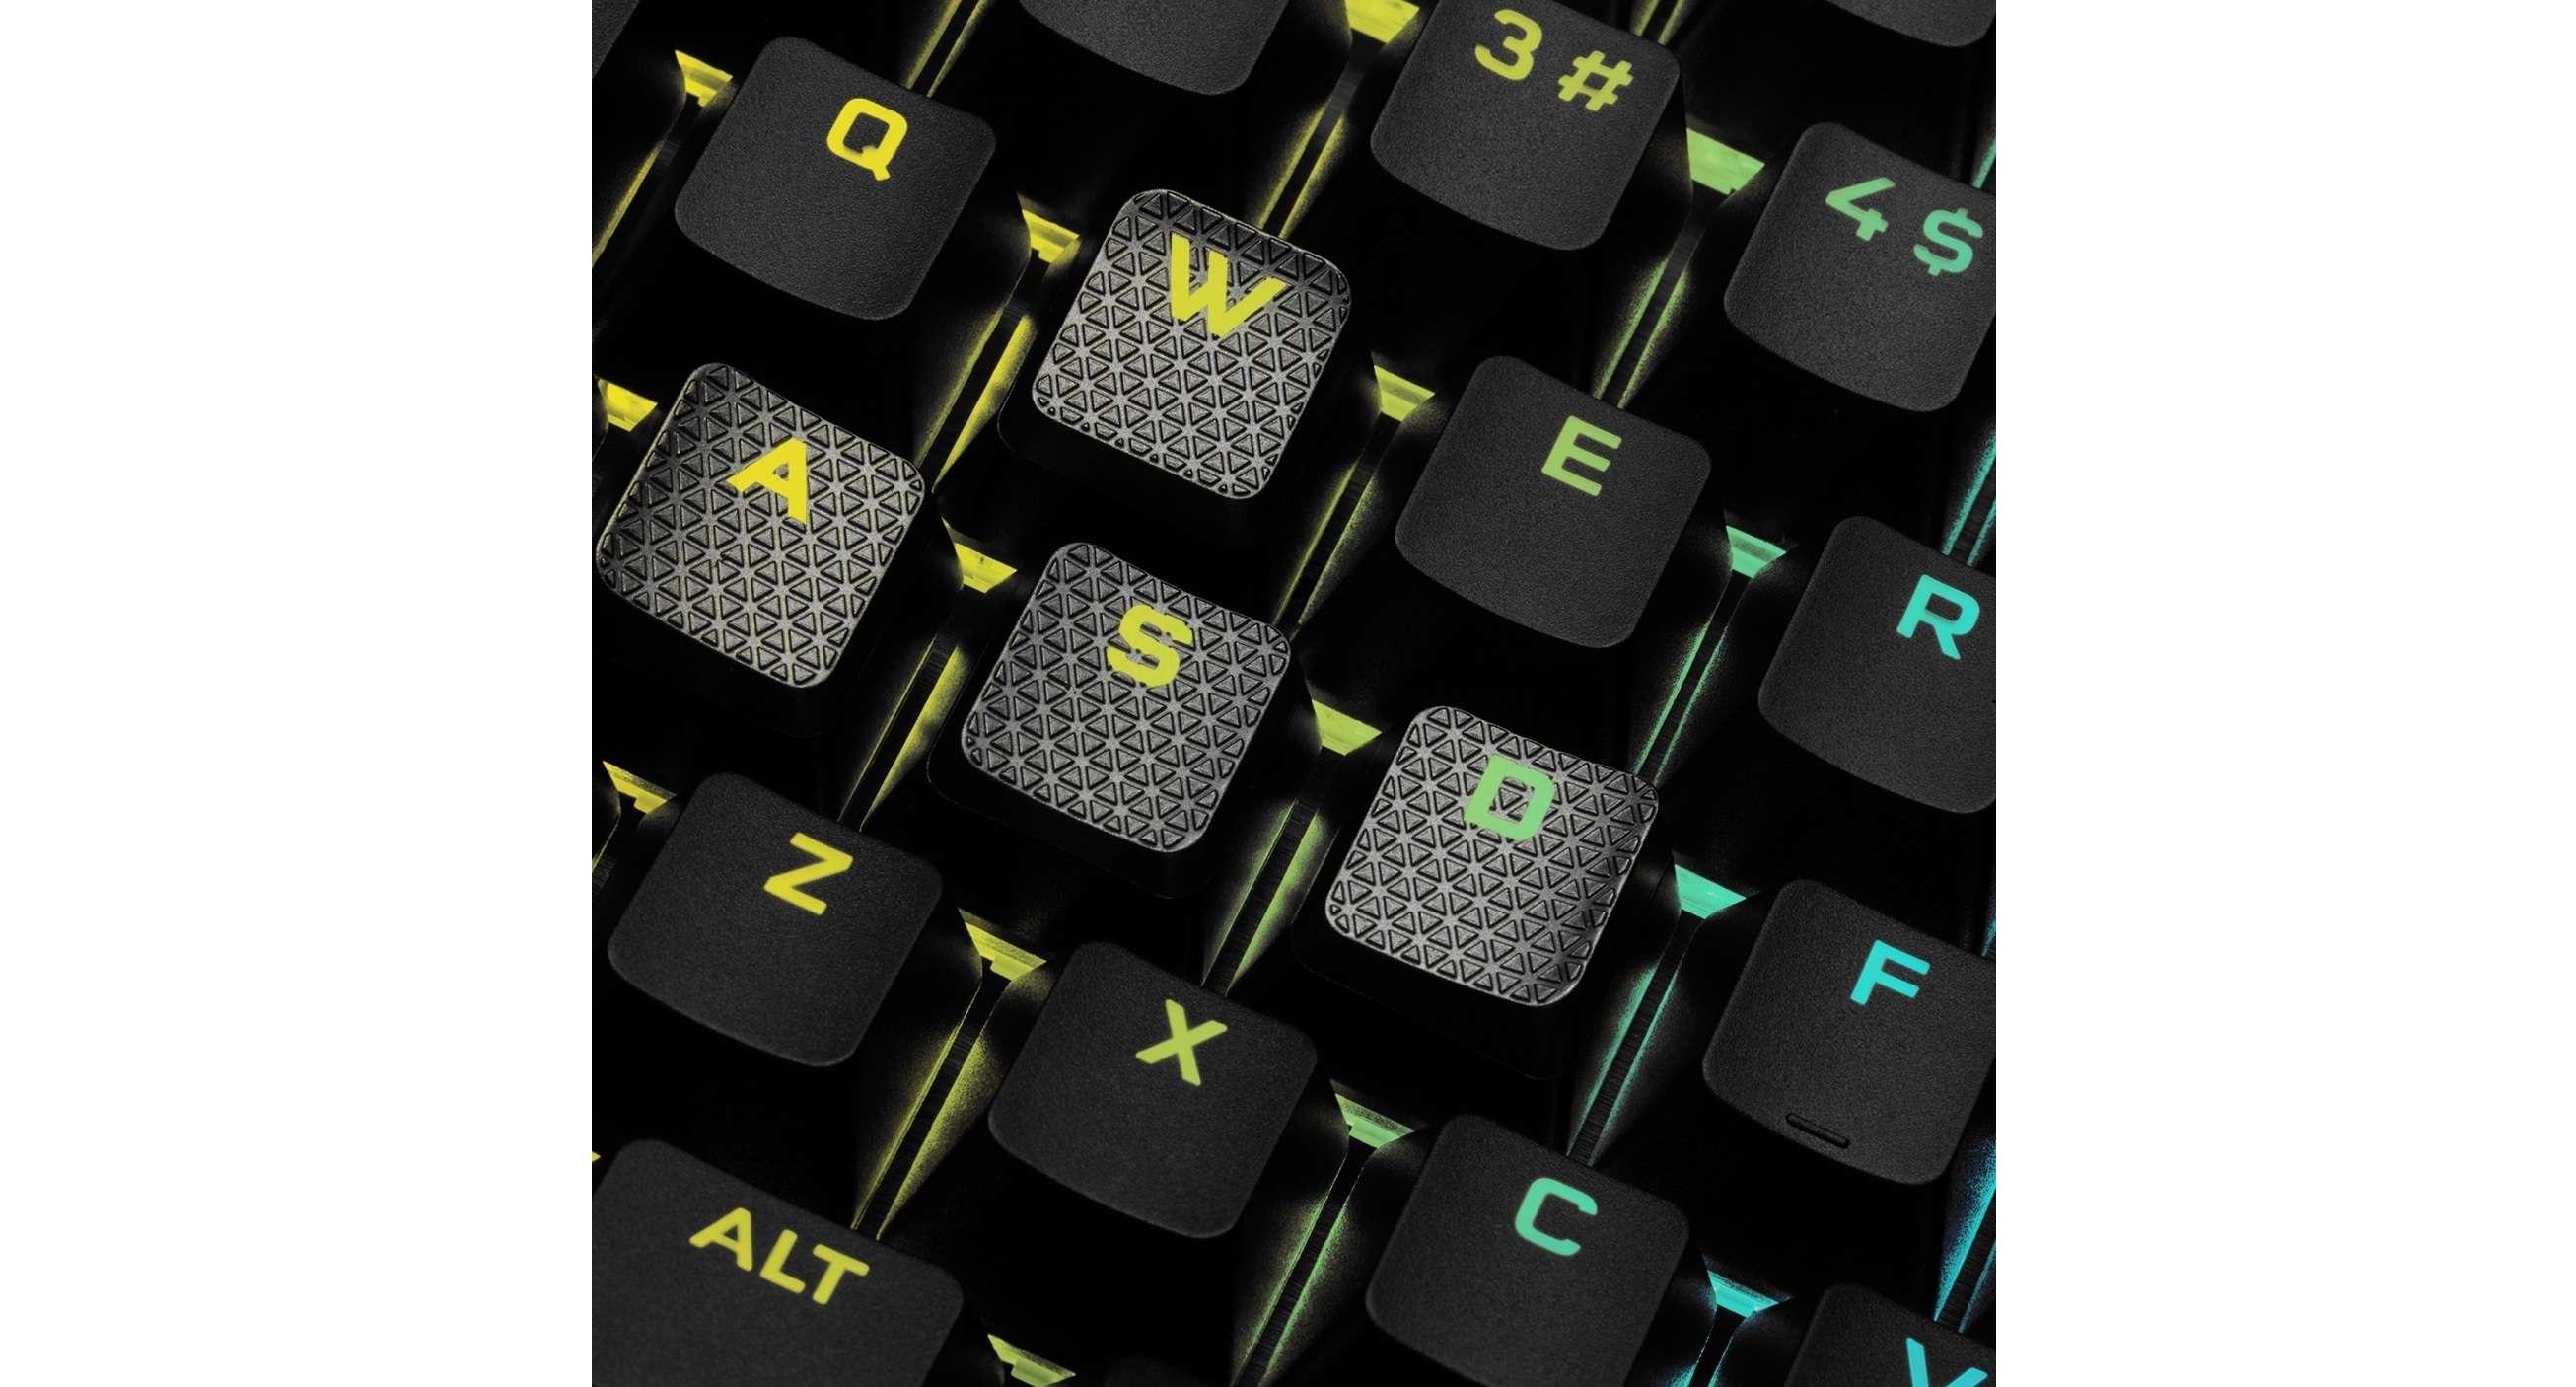 Bàn phím Corsair K100 RGB Optical switch (OPX-RF) (CH-912A01A-NA) trang bị bộ keycap pbt bền bỉ